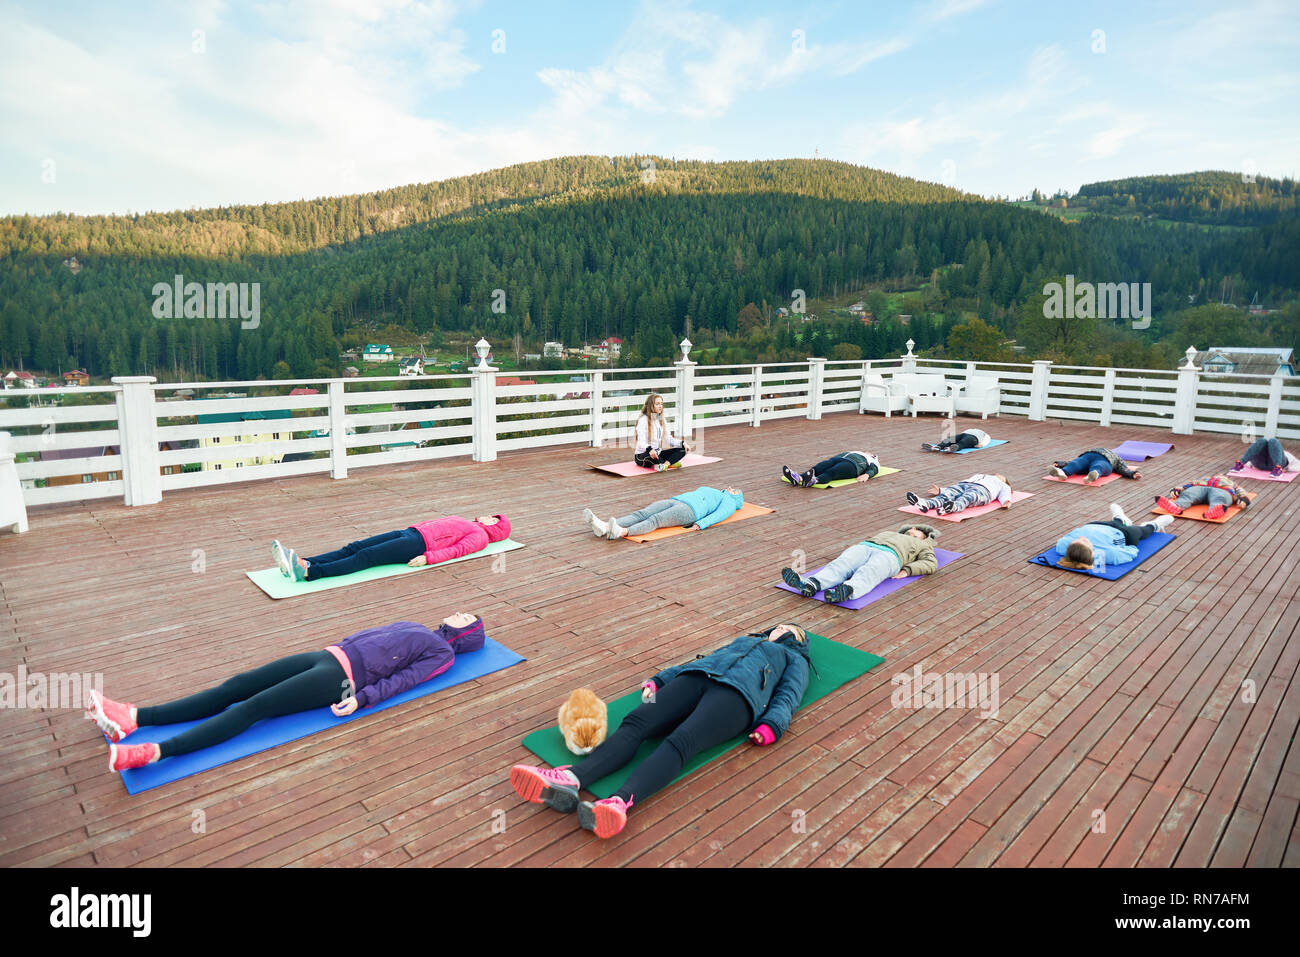 Persone che praticano lo yoga con insegnante di yoga in montagna su aria fresca. Seduta di pullman e di osservazione. Gruppo giacente su Materassini da yoga, guardando verso l'alto e rilassante all'esterno. Foto Stock